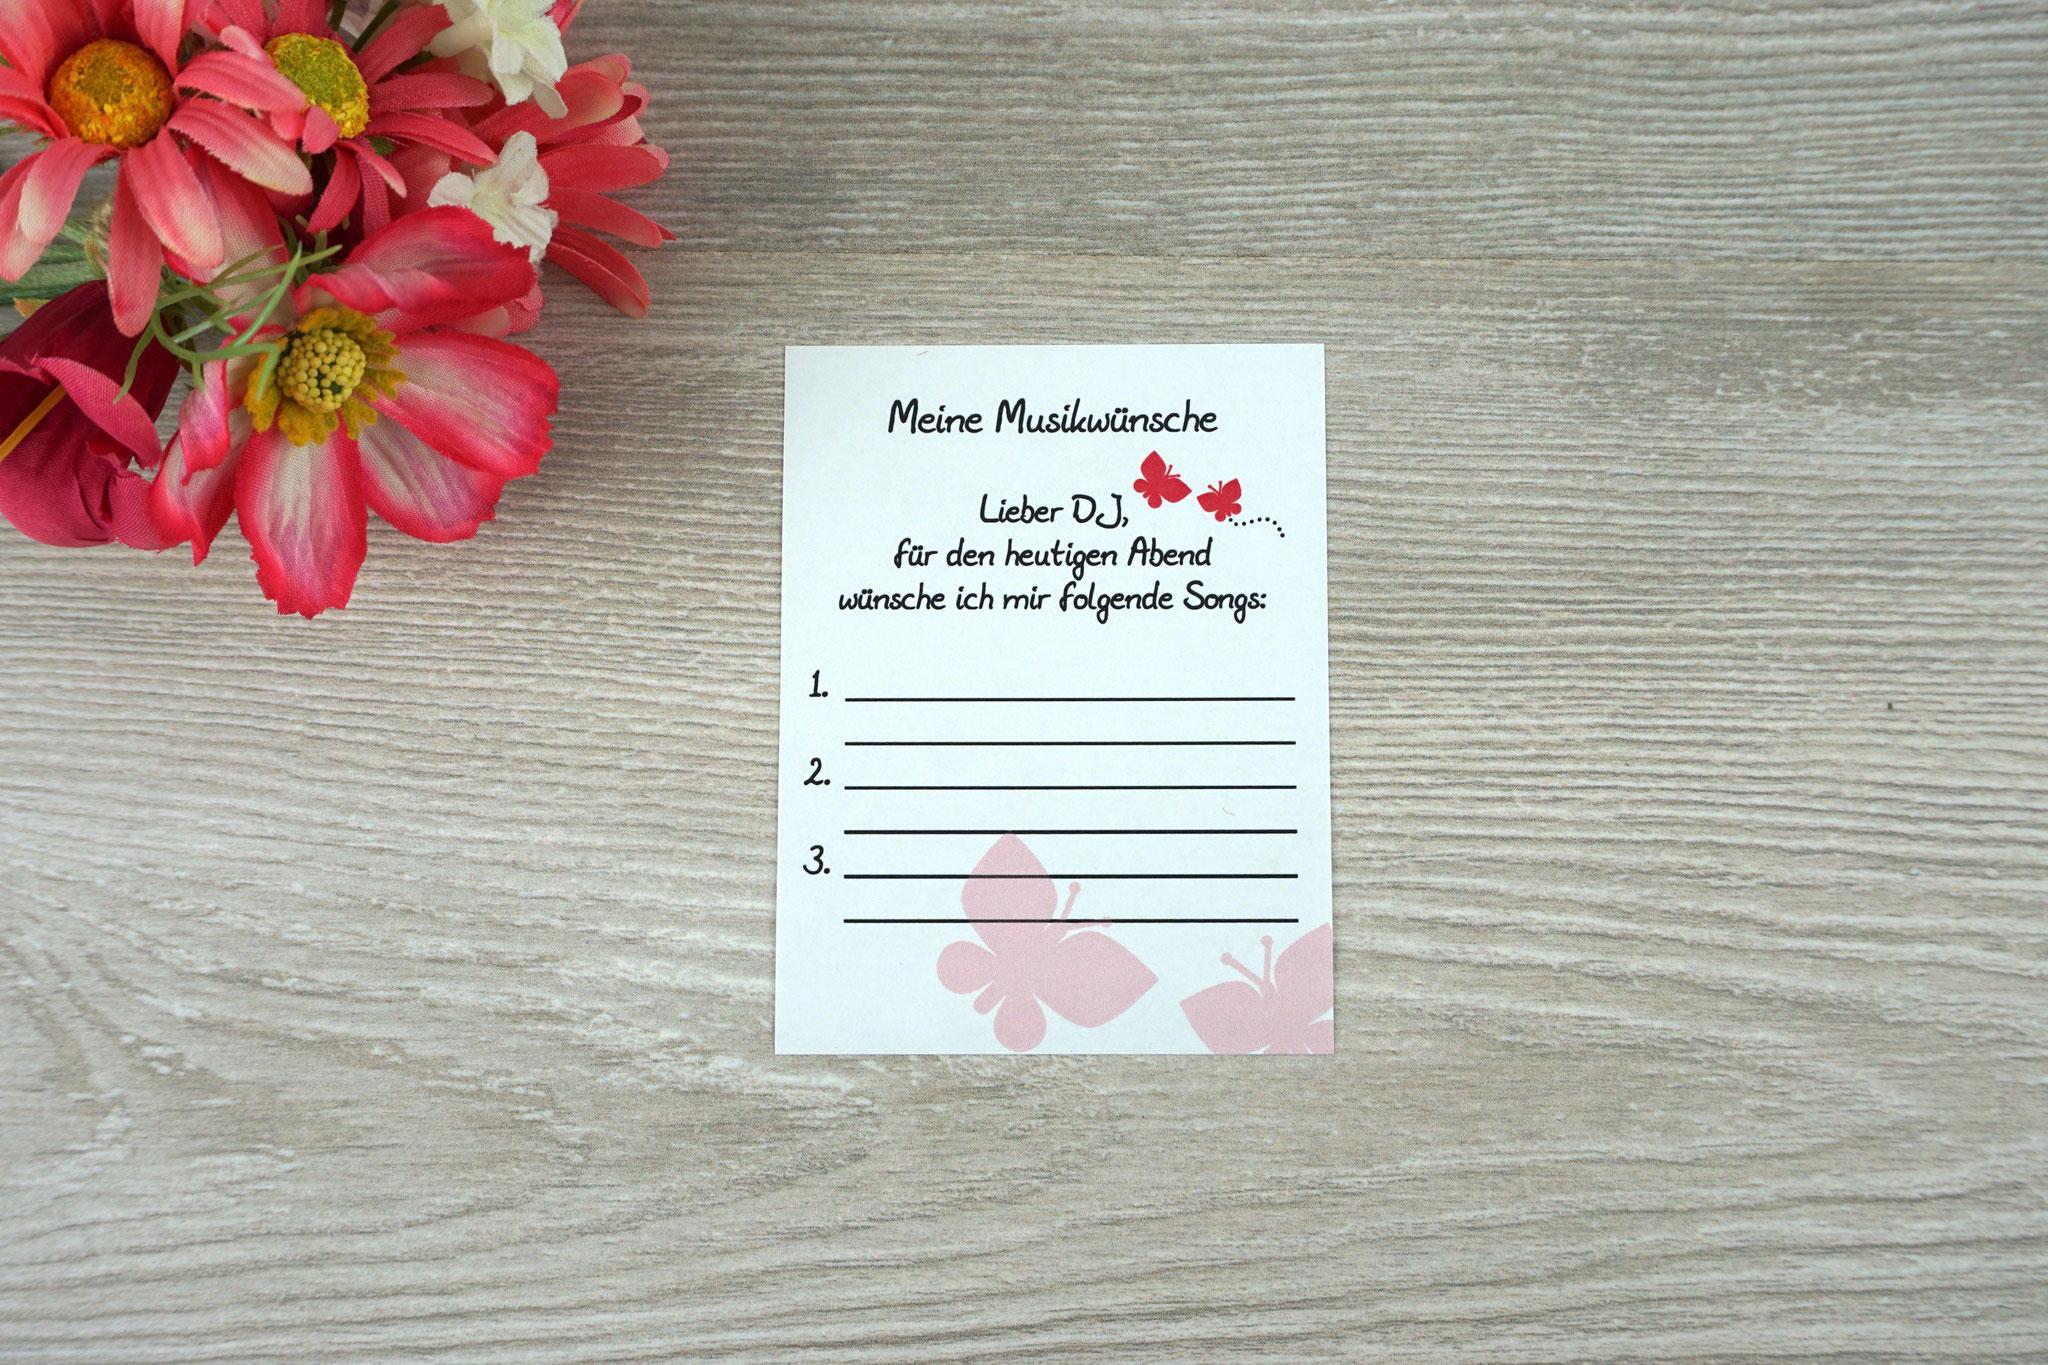 Musikwunschzettel Design Schmetterlinge pink